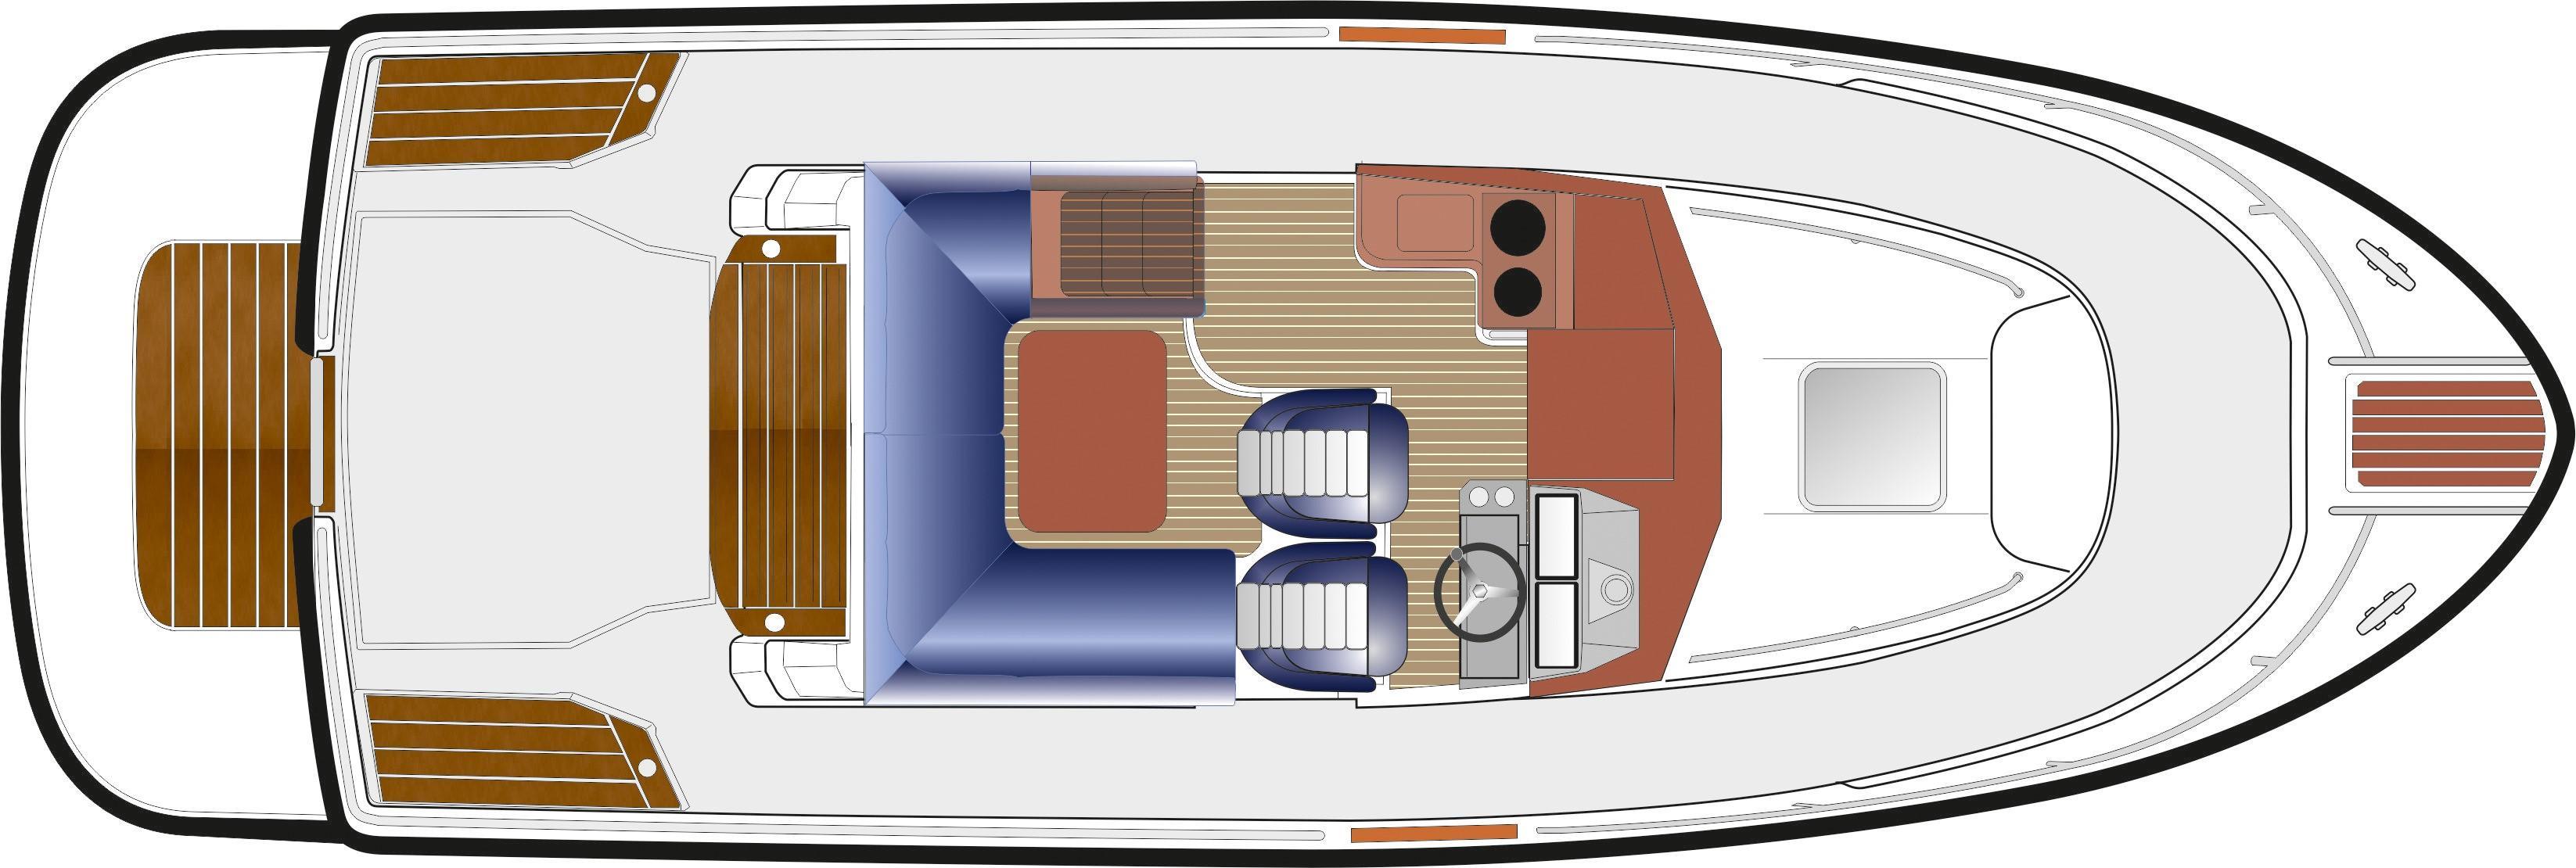 Sargo 31 deck plan - upper deck